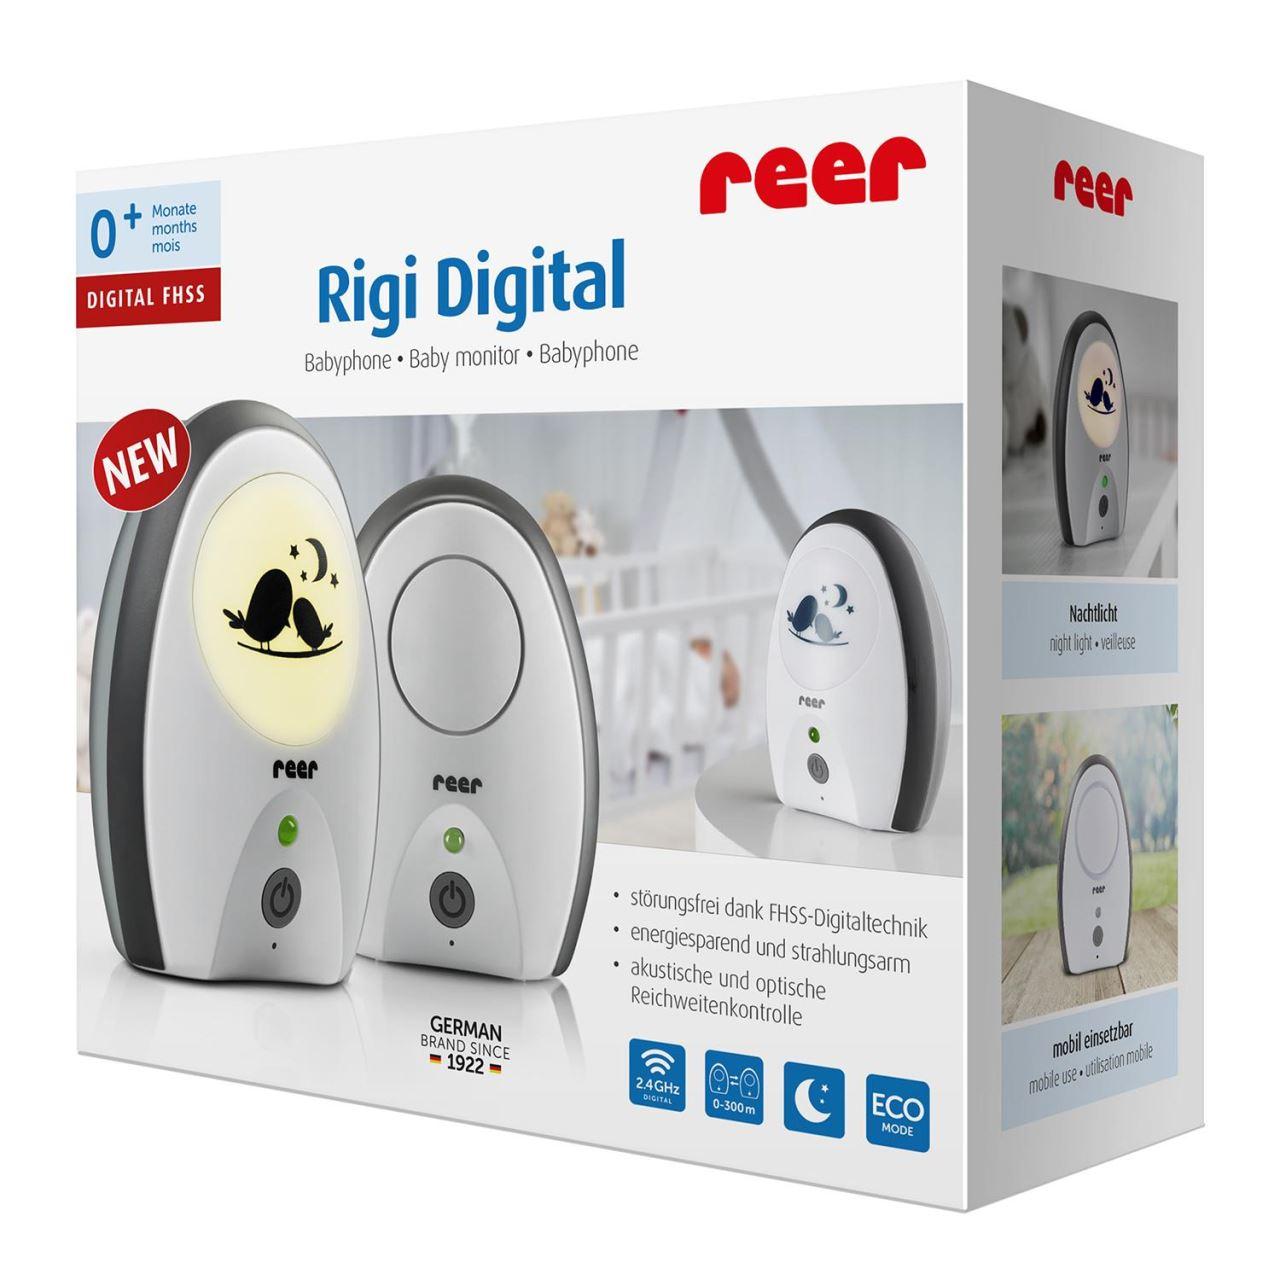 Monitor digital pentru bebelusi Rigi Digital Reer 50070 imagine